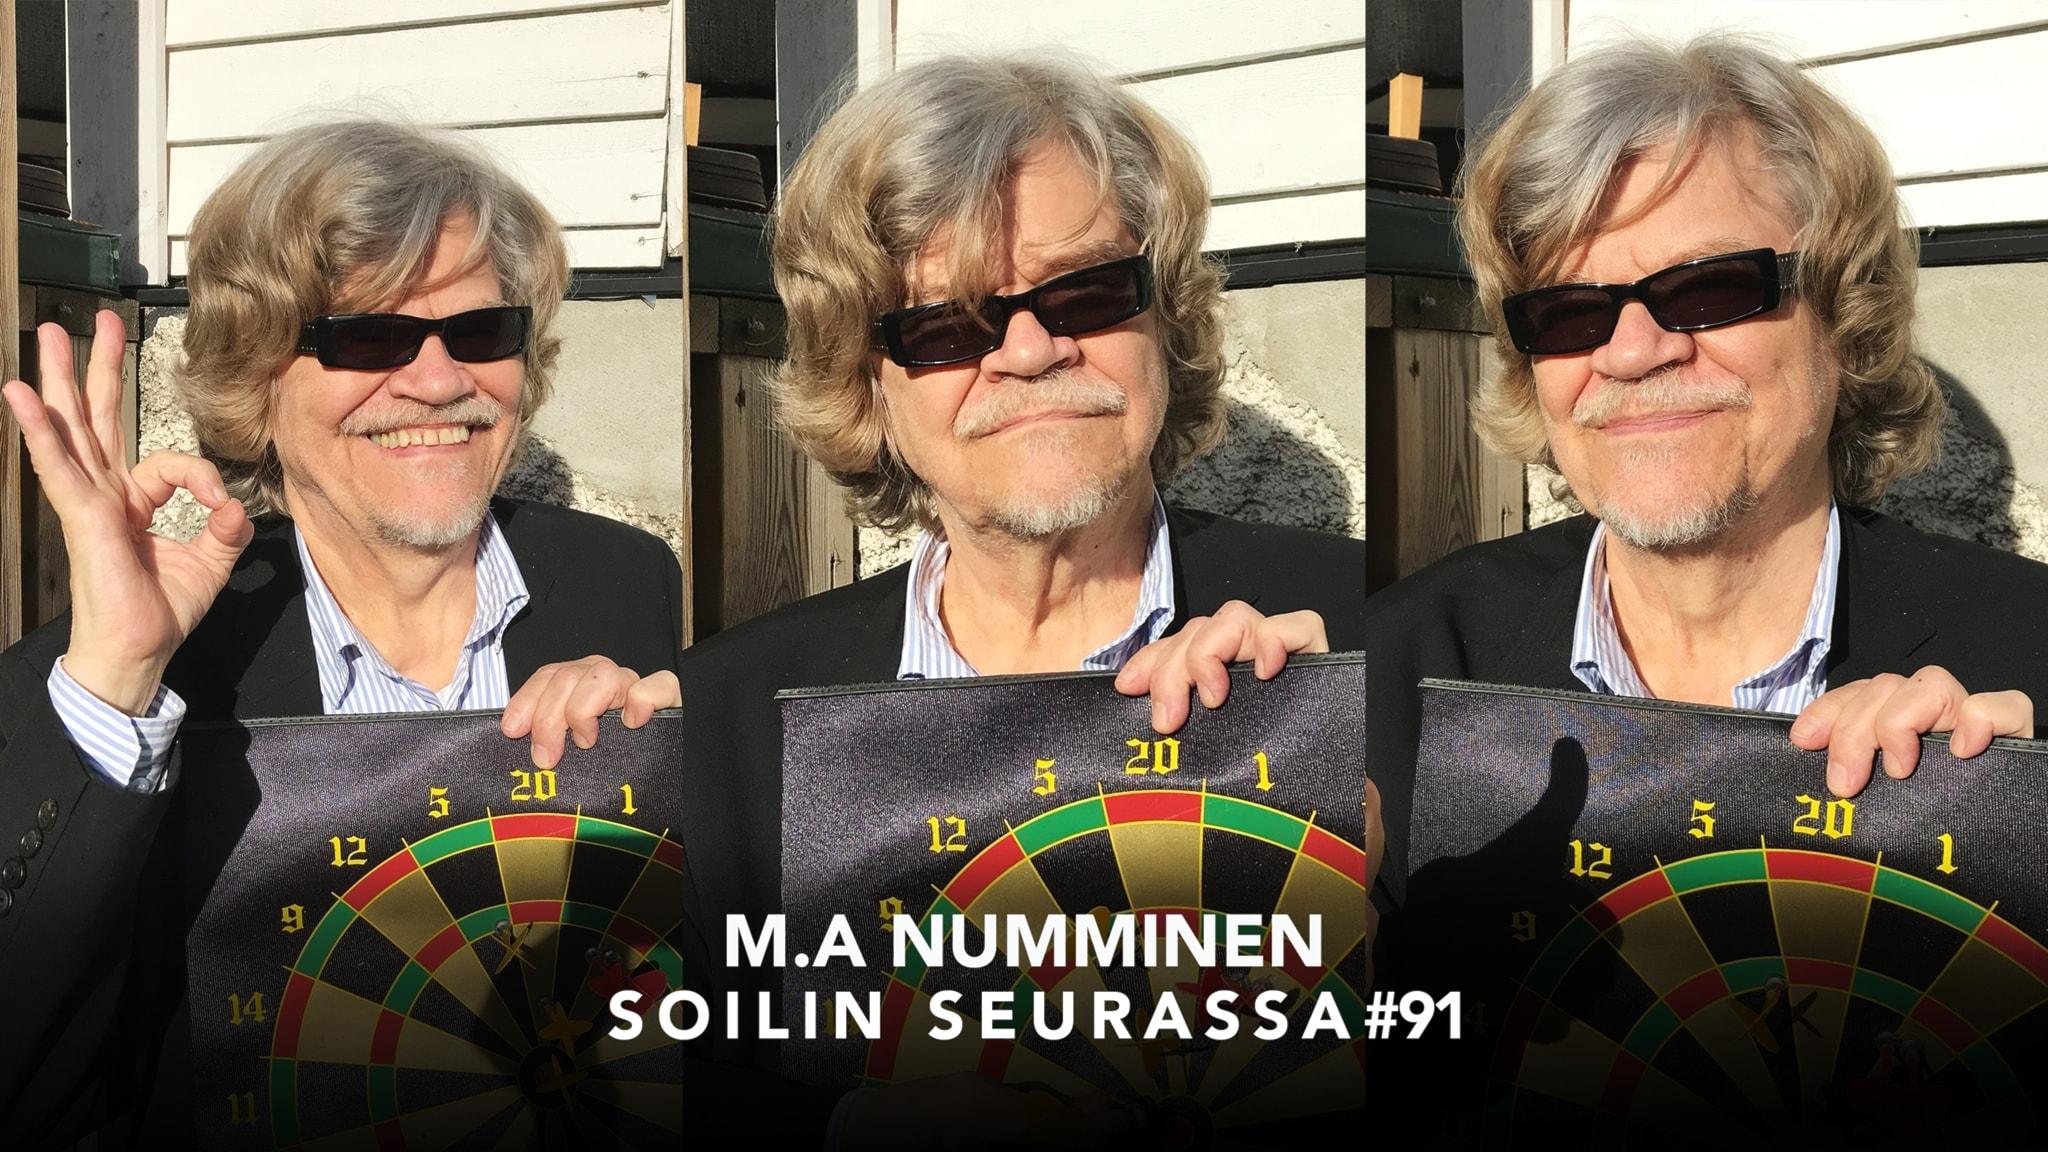 Viihteen ja kulttuurin monitoimimies M.A. Numminen: Jos piittaisin siitä, mitä muut ajattelevat, ensi olisi tässä asemassa missä nyt olen.